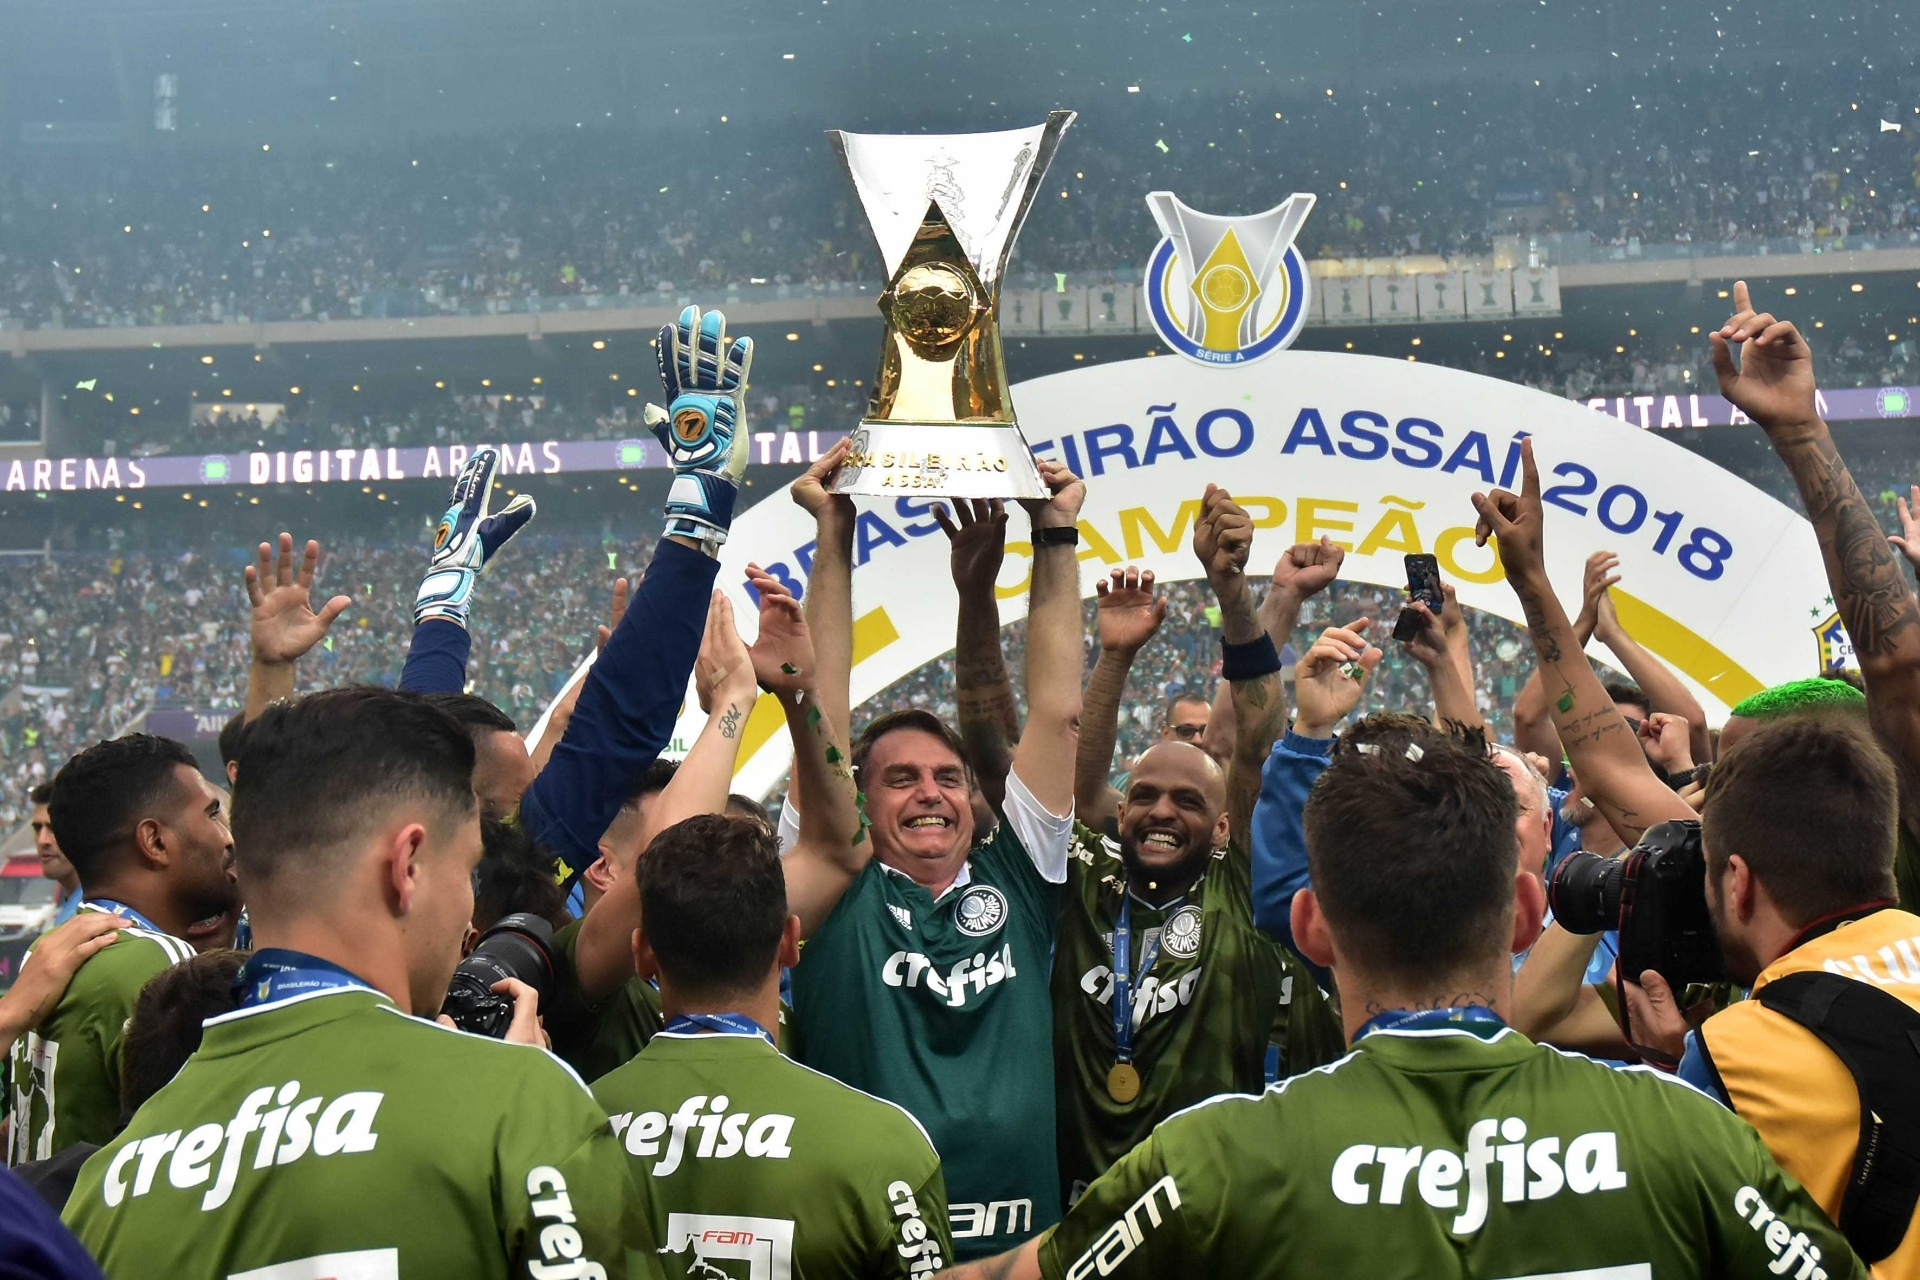 Palmeiras levanta taça de campeão em cerimônia com Bolsonaro no Allianz -  02 12 2018 - UOL Esporte bf35929c35365